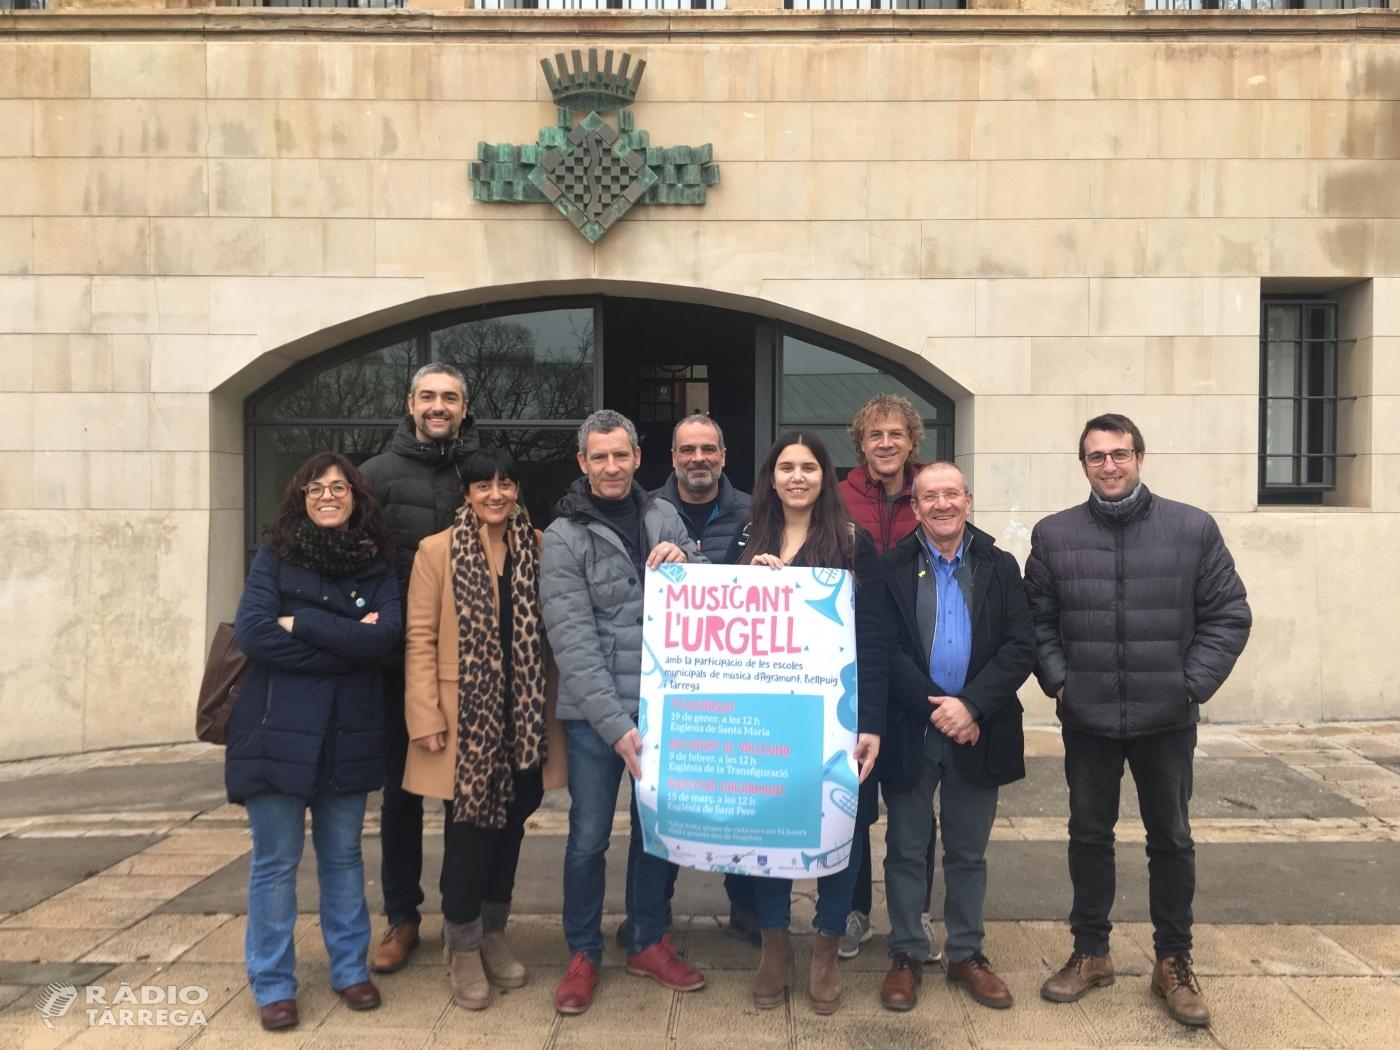 El 2020 acull una nova edició del Musicant l'Ugell a Vilagrassa, Rocafort de Vallbona i Puigverd d'Agramunt